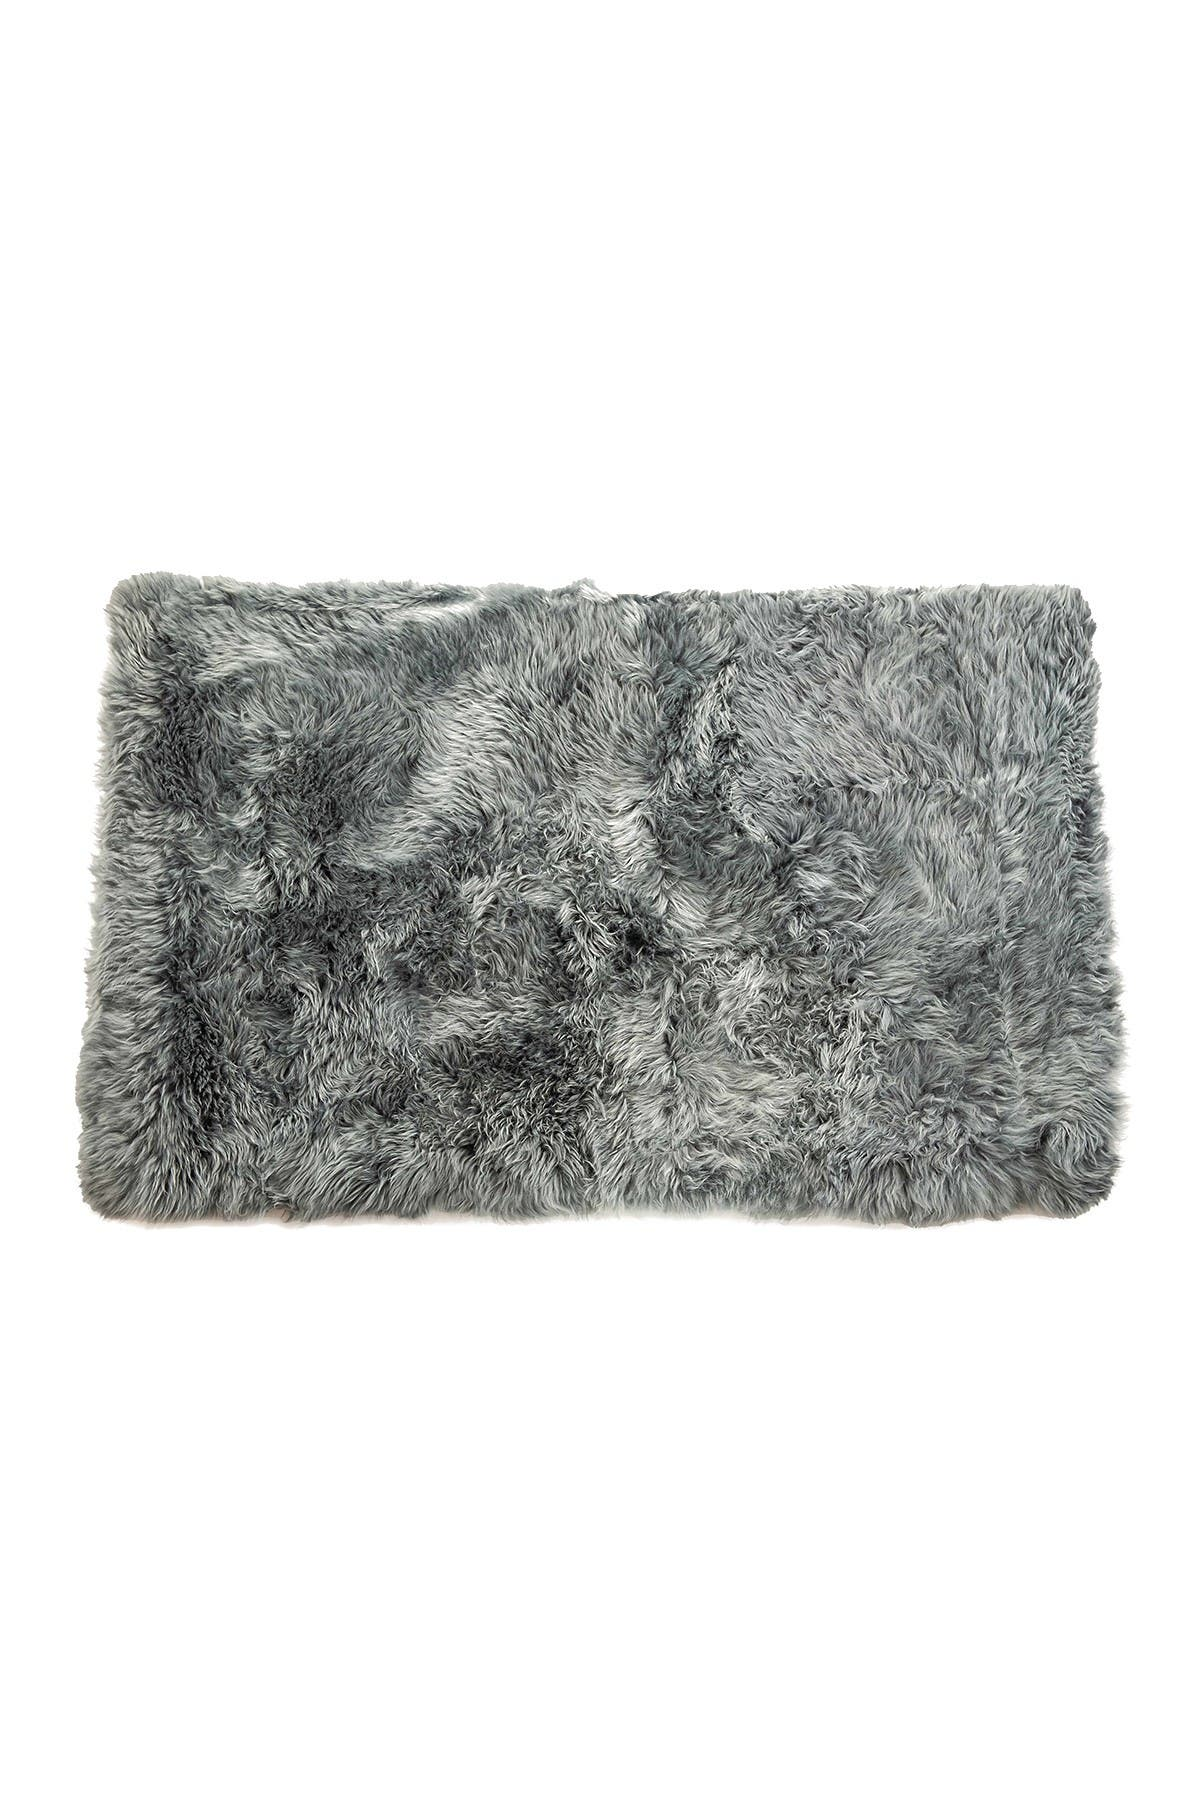 Image of Natural New Zealand Rectangular Sheepskin Throw - 3ft X 5ft - Grey